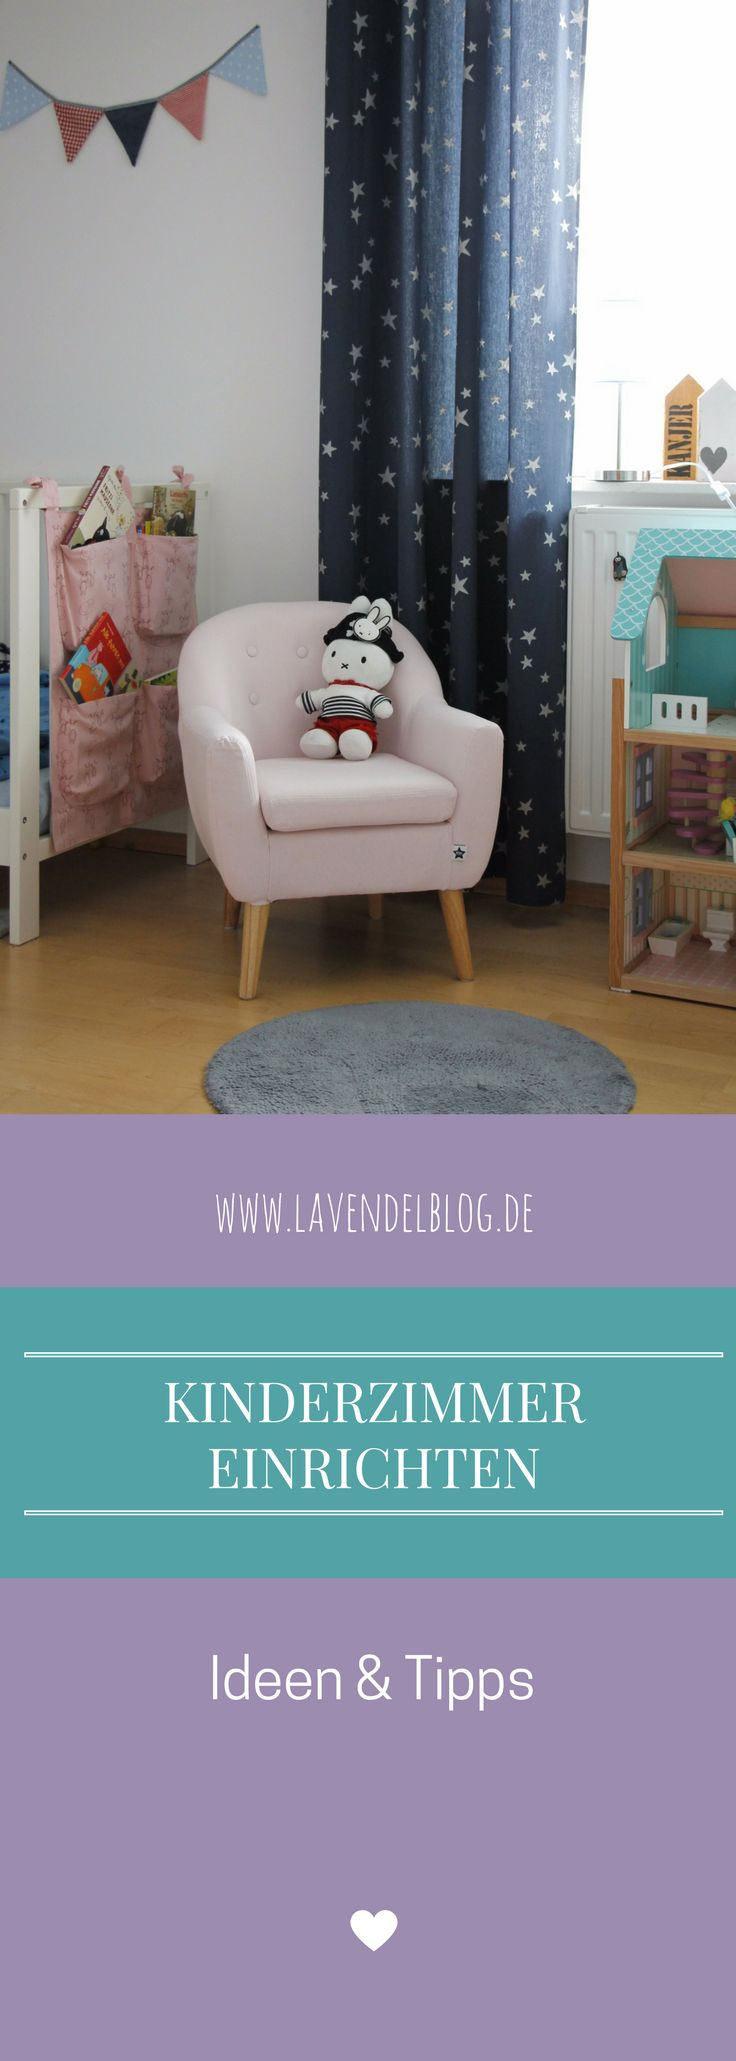 Kinderzimmer einrichten: Ideen & Tipps, wie ihr ein Kinderzimmer gestalten könnt, findet ihr im Blog. Außerdem zeigen wir euch eine sinnvolle Raumaufteilung im Kinderzimmer und stellen euch Kinderzimmer Ideen für kleine Zimmer vor. Mit dabei ist auch eine kleine Kuschelecke im Kinderzimmer.